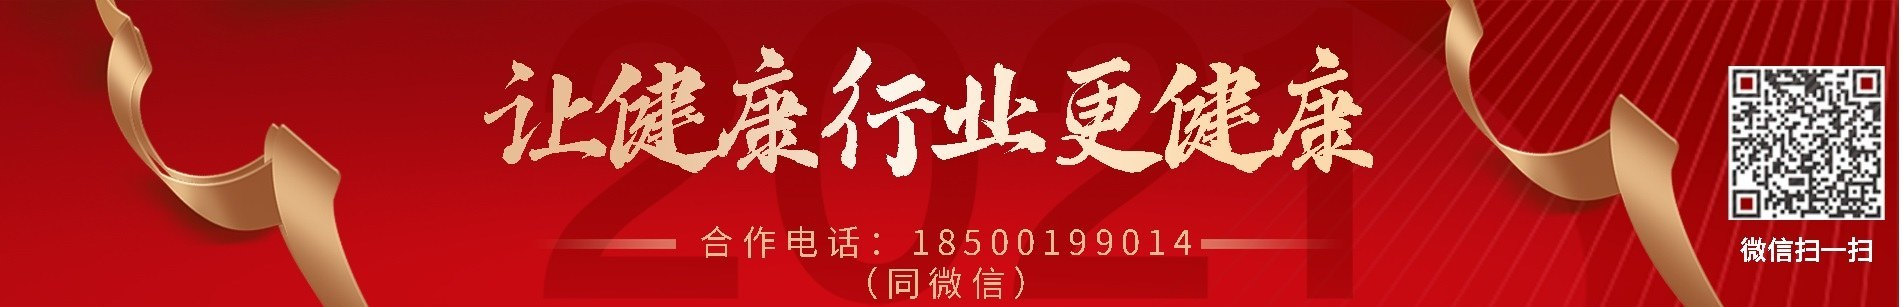 广州癫痫病医院